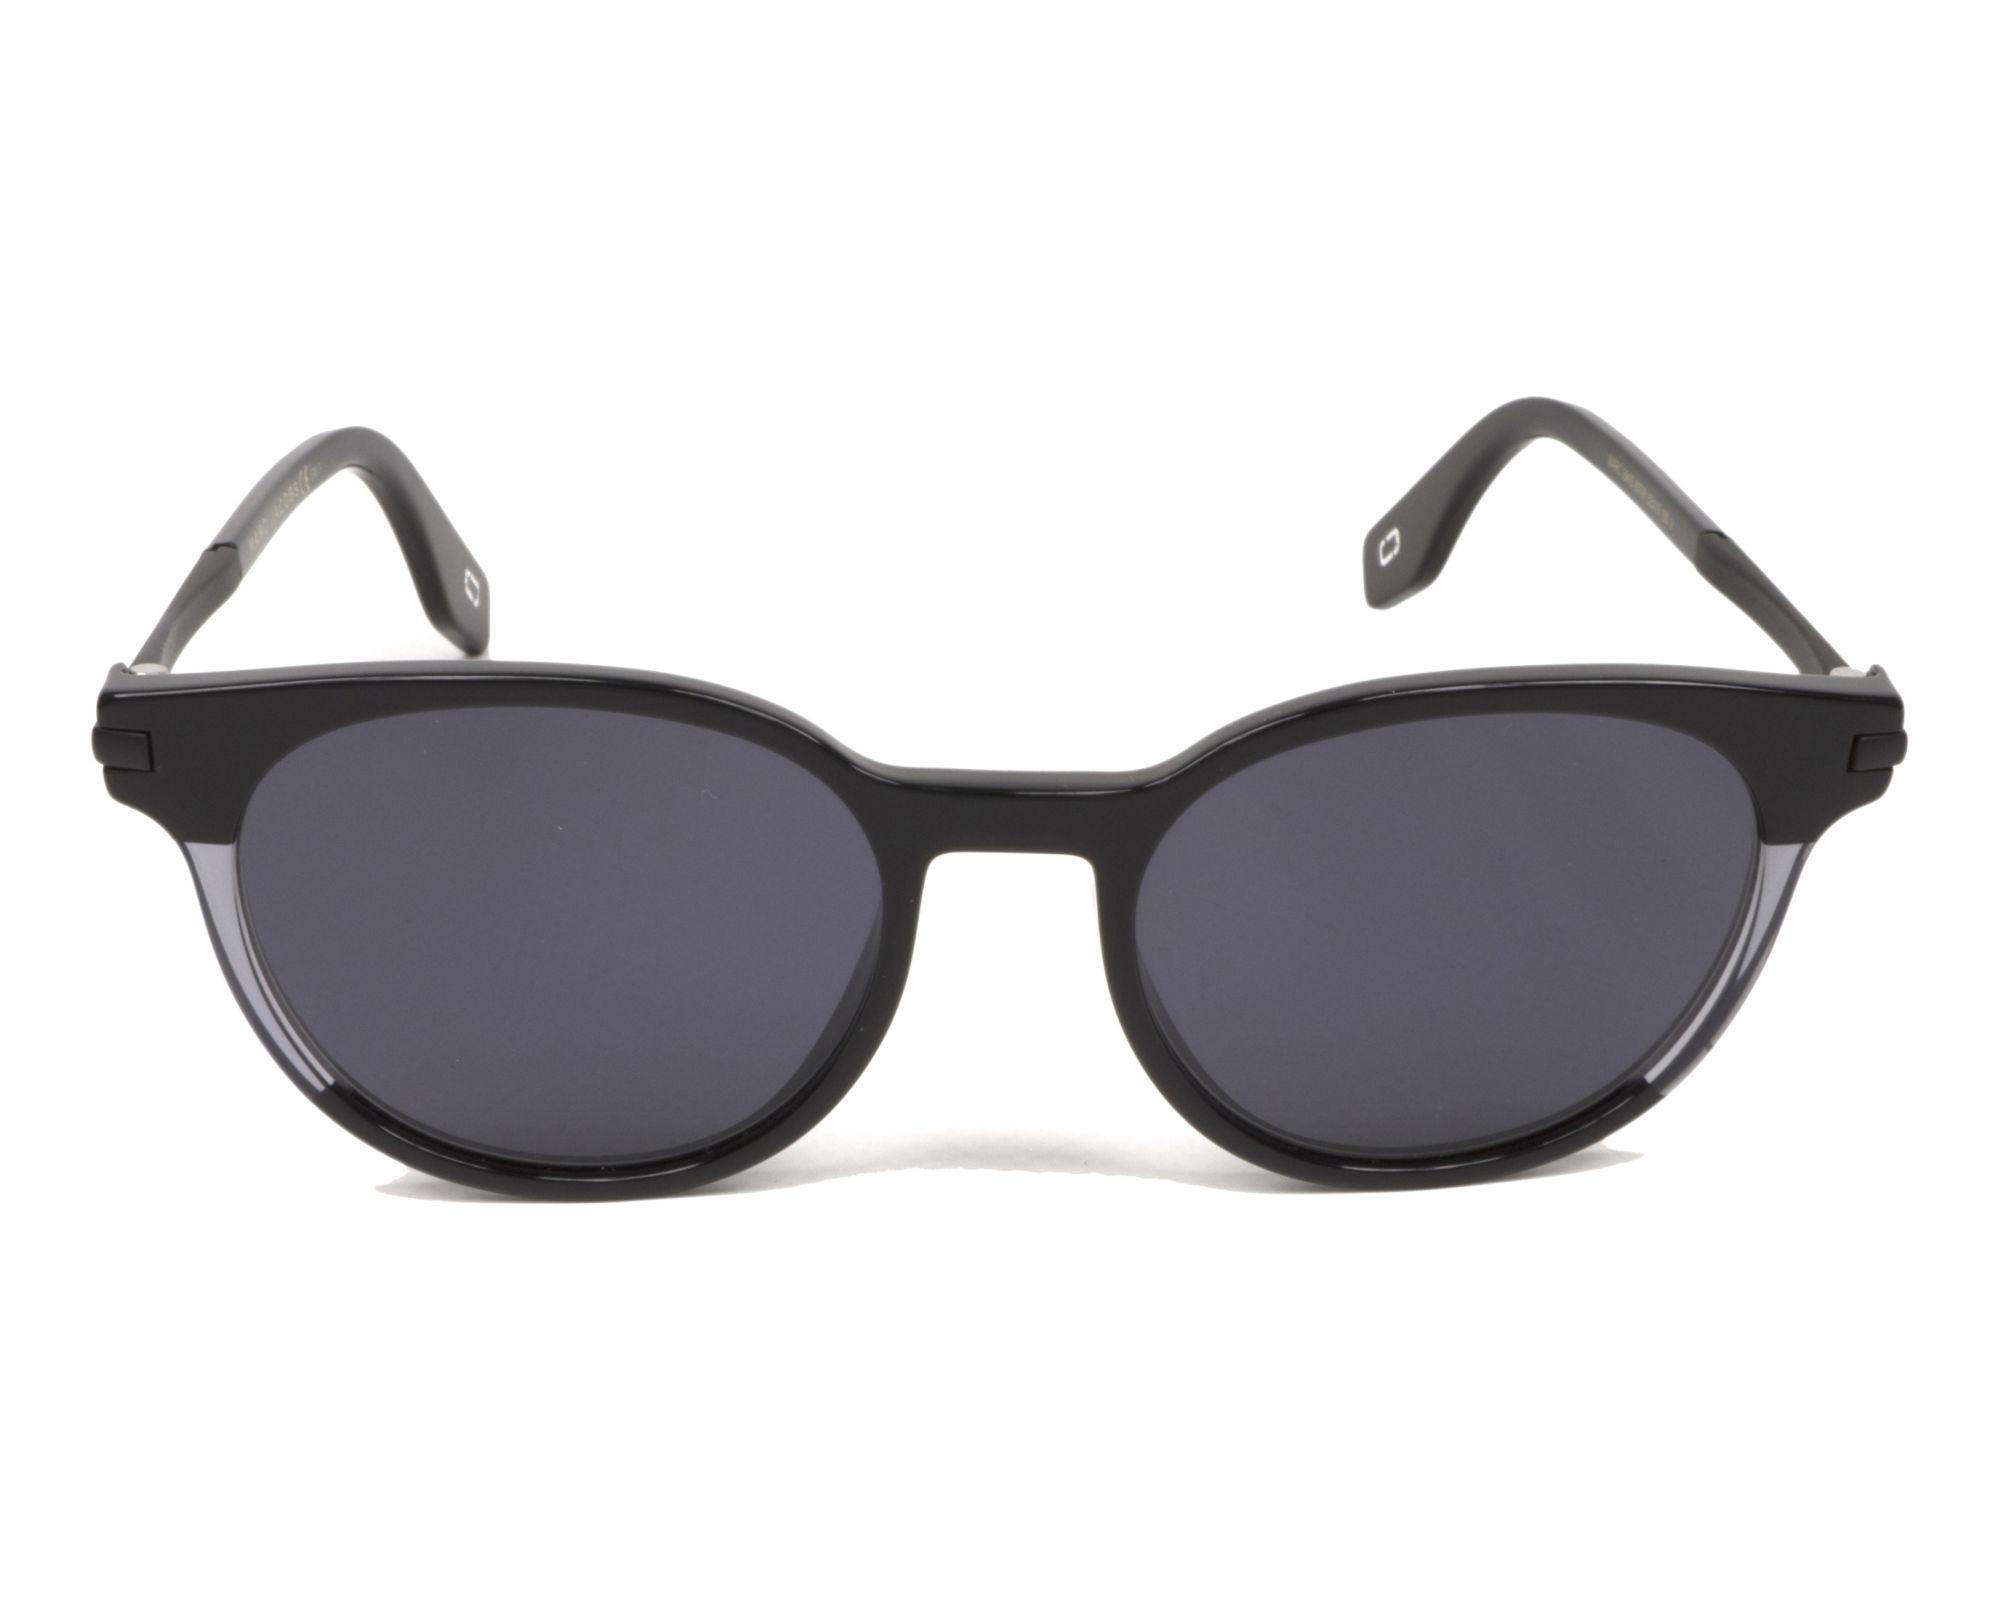 MARC JACOBS Marc Jacobs Sonnenbrille » MARC 294/S«, schwarz, D51/9O - schwarz/grau